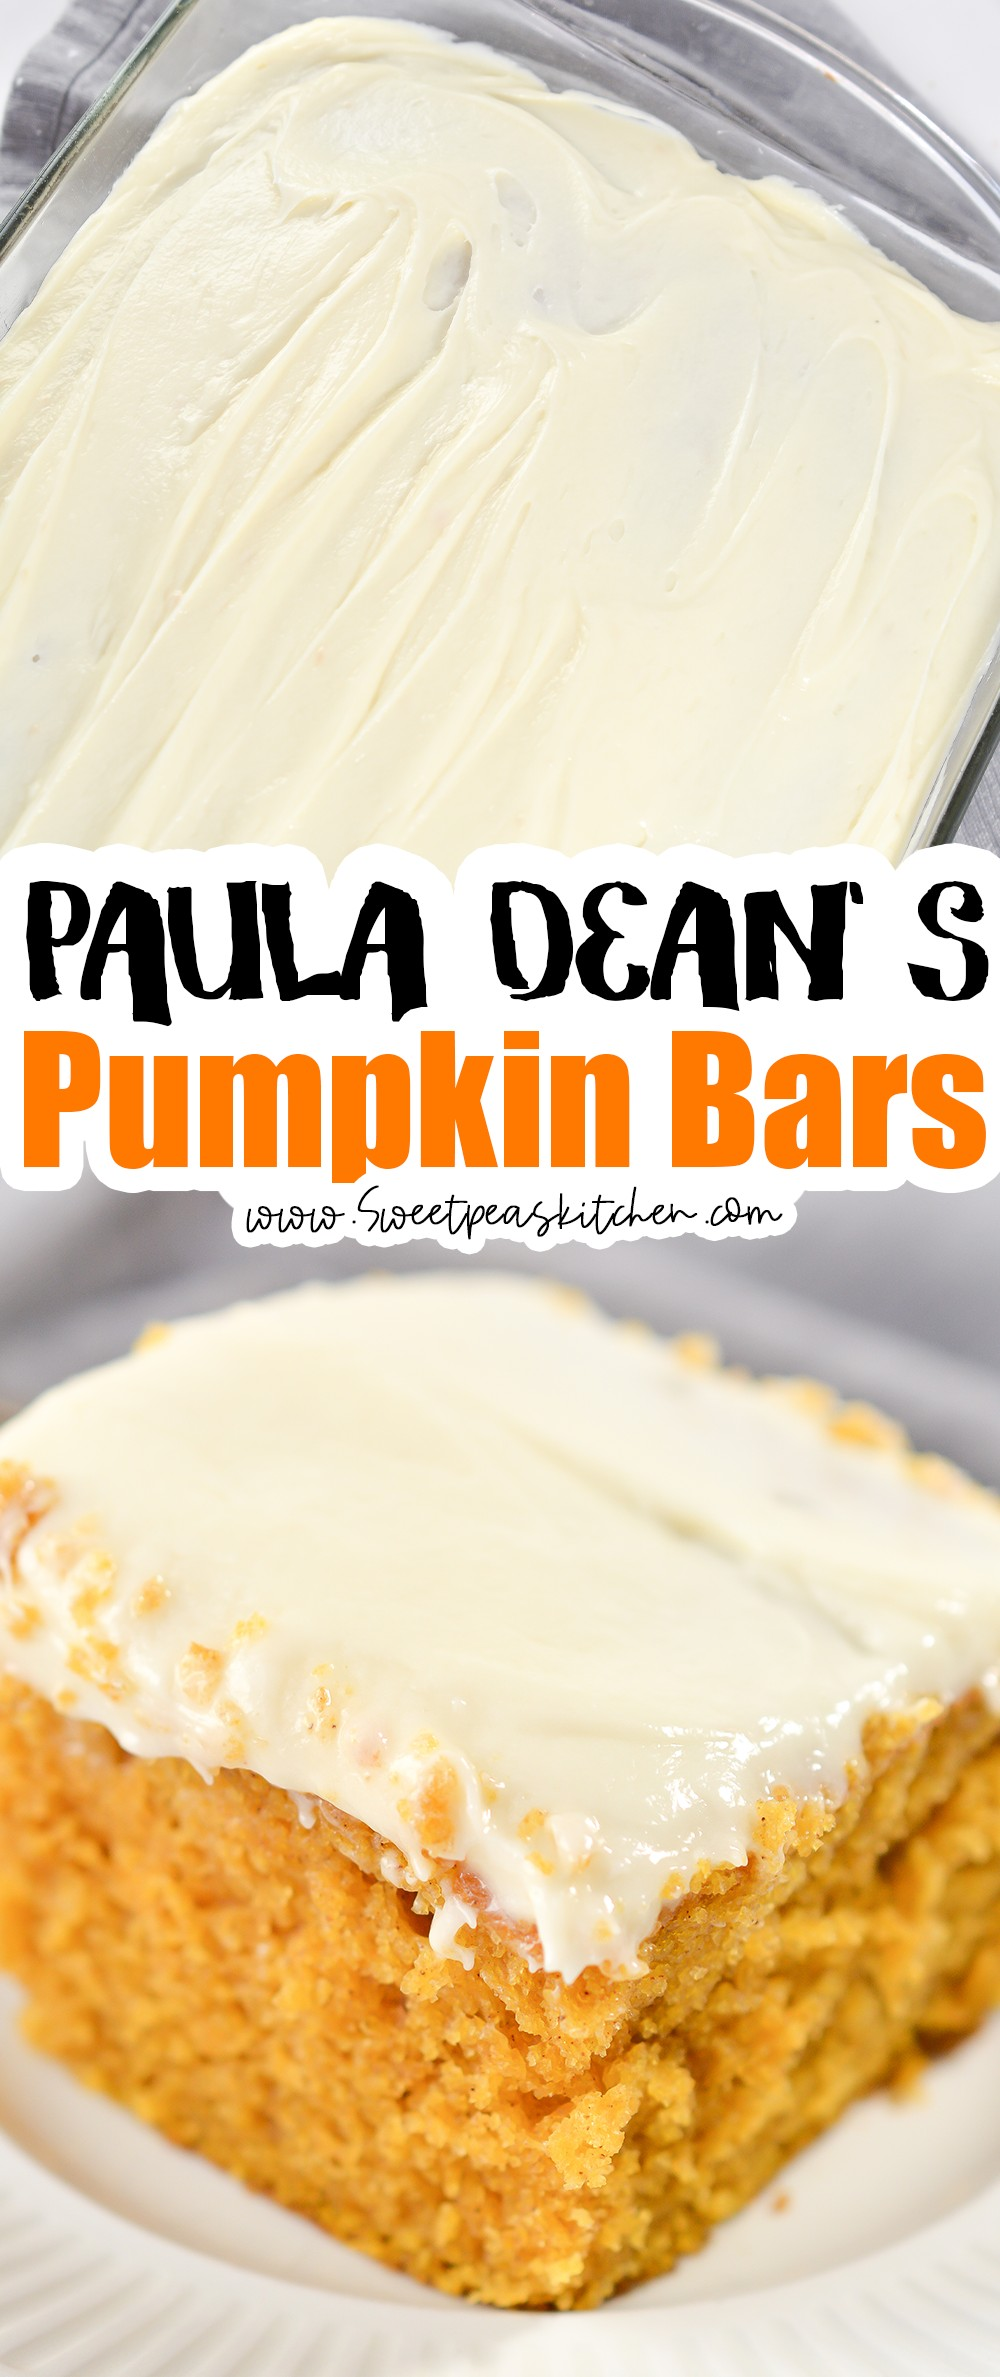 Paula Dean's Pumpkin Bars